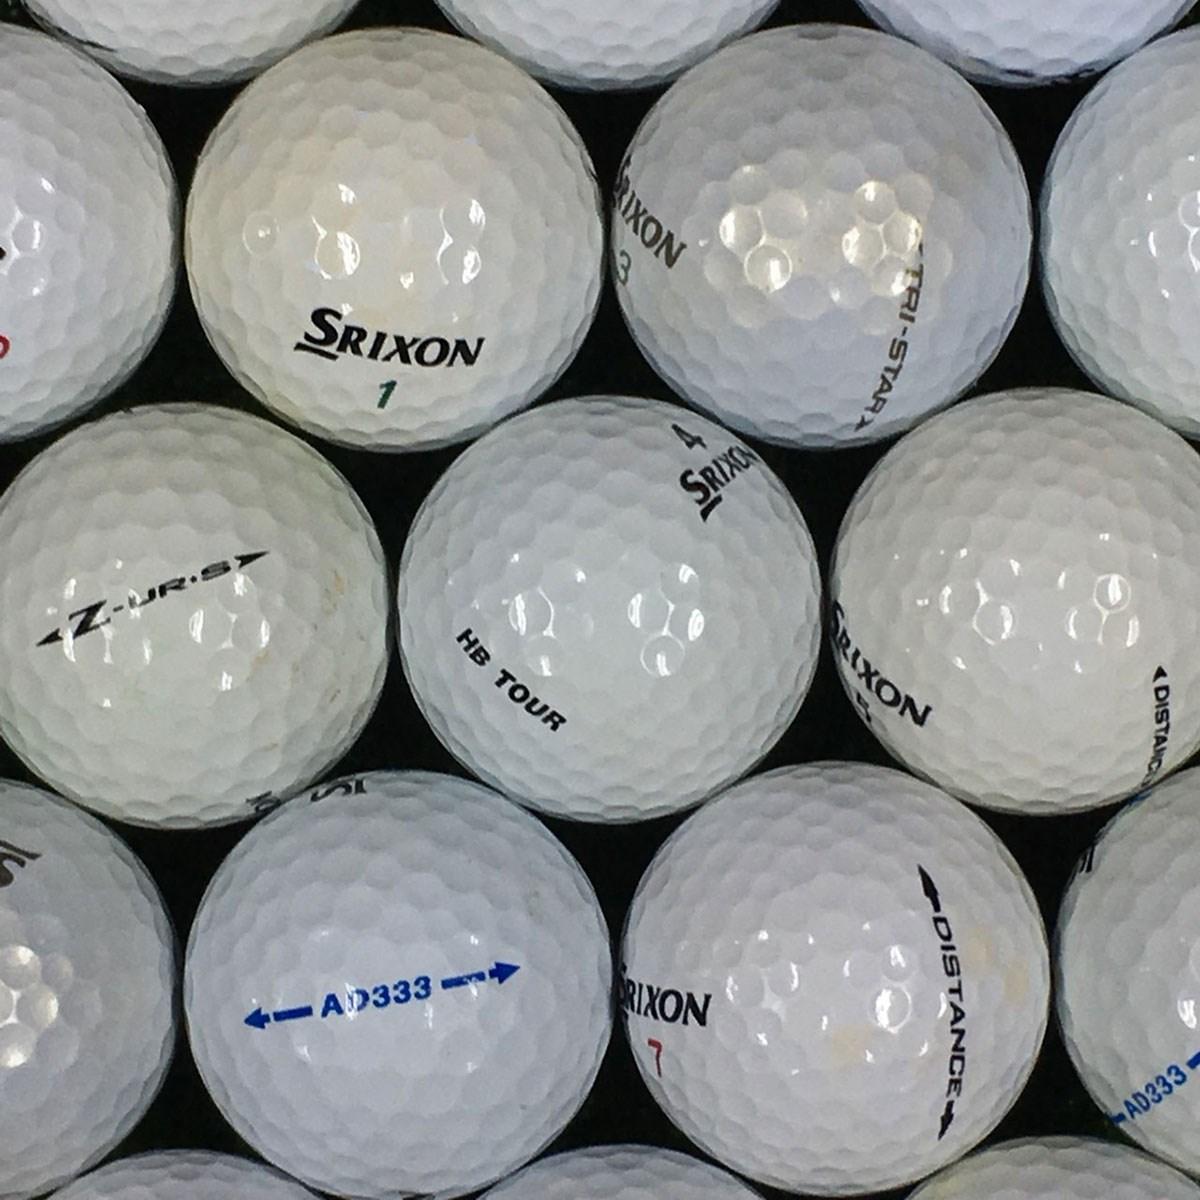 ロストボール SRIXON 銘柄混合 練習用ボール 500個セット